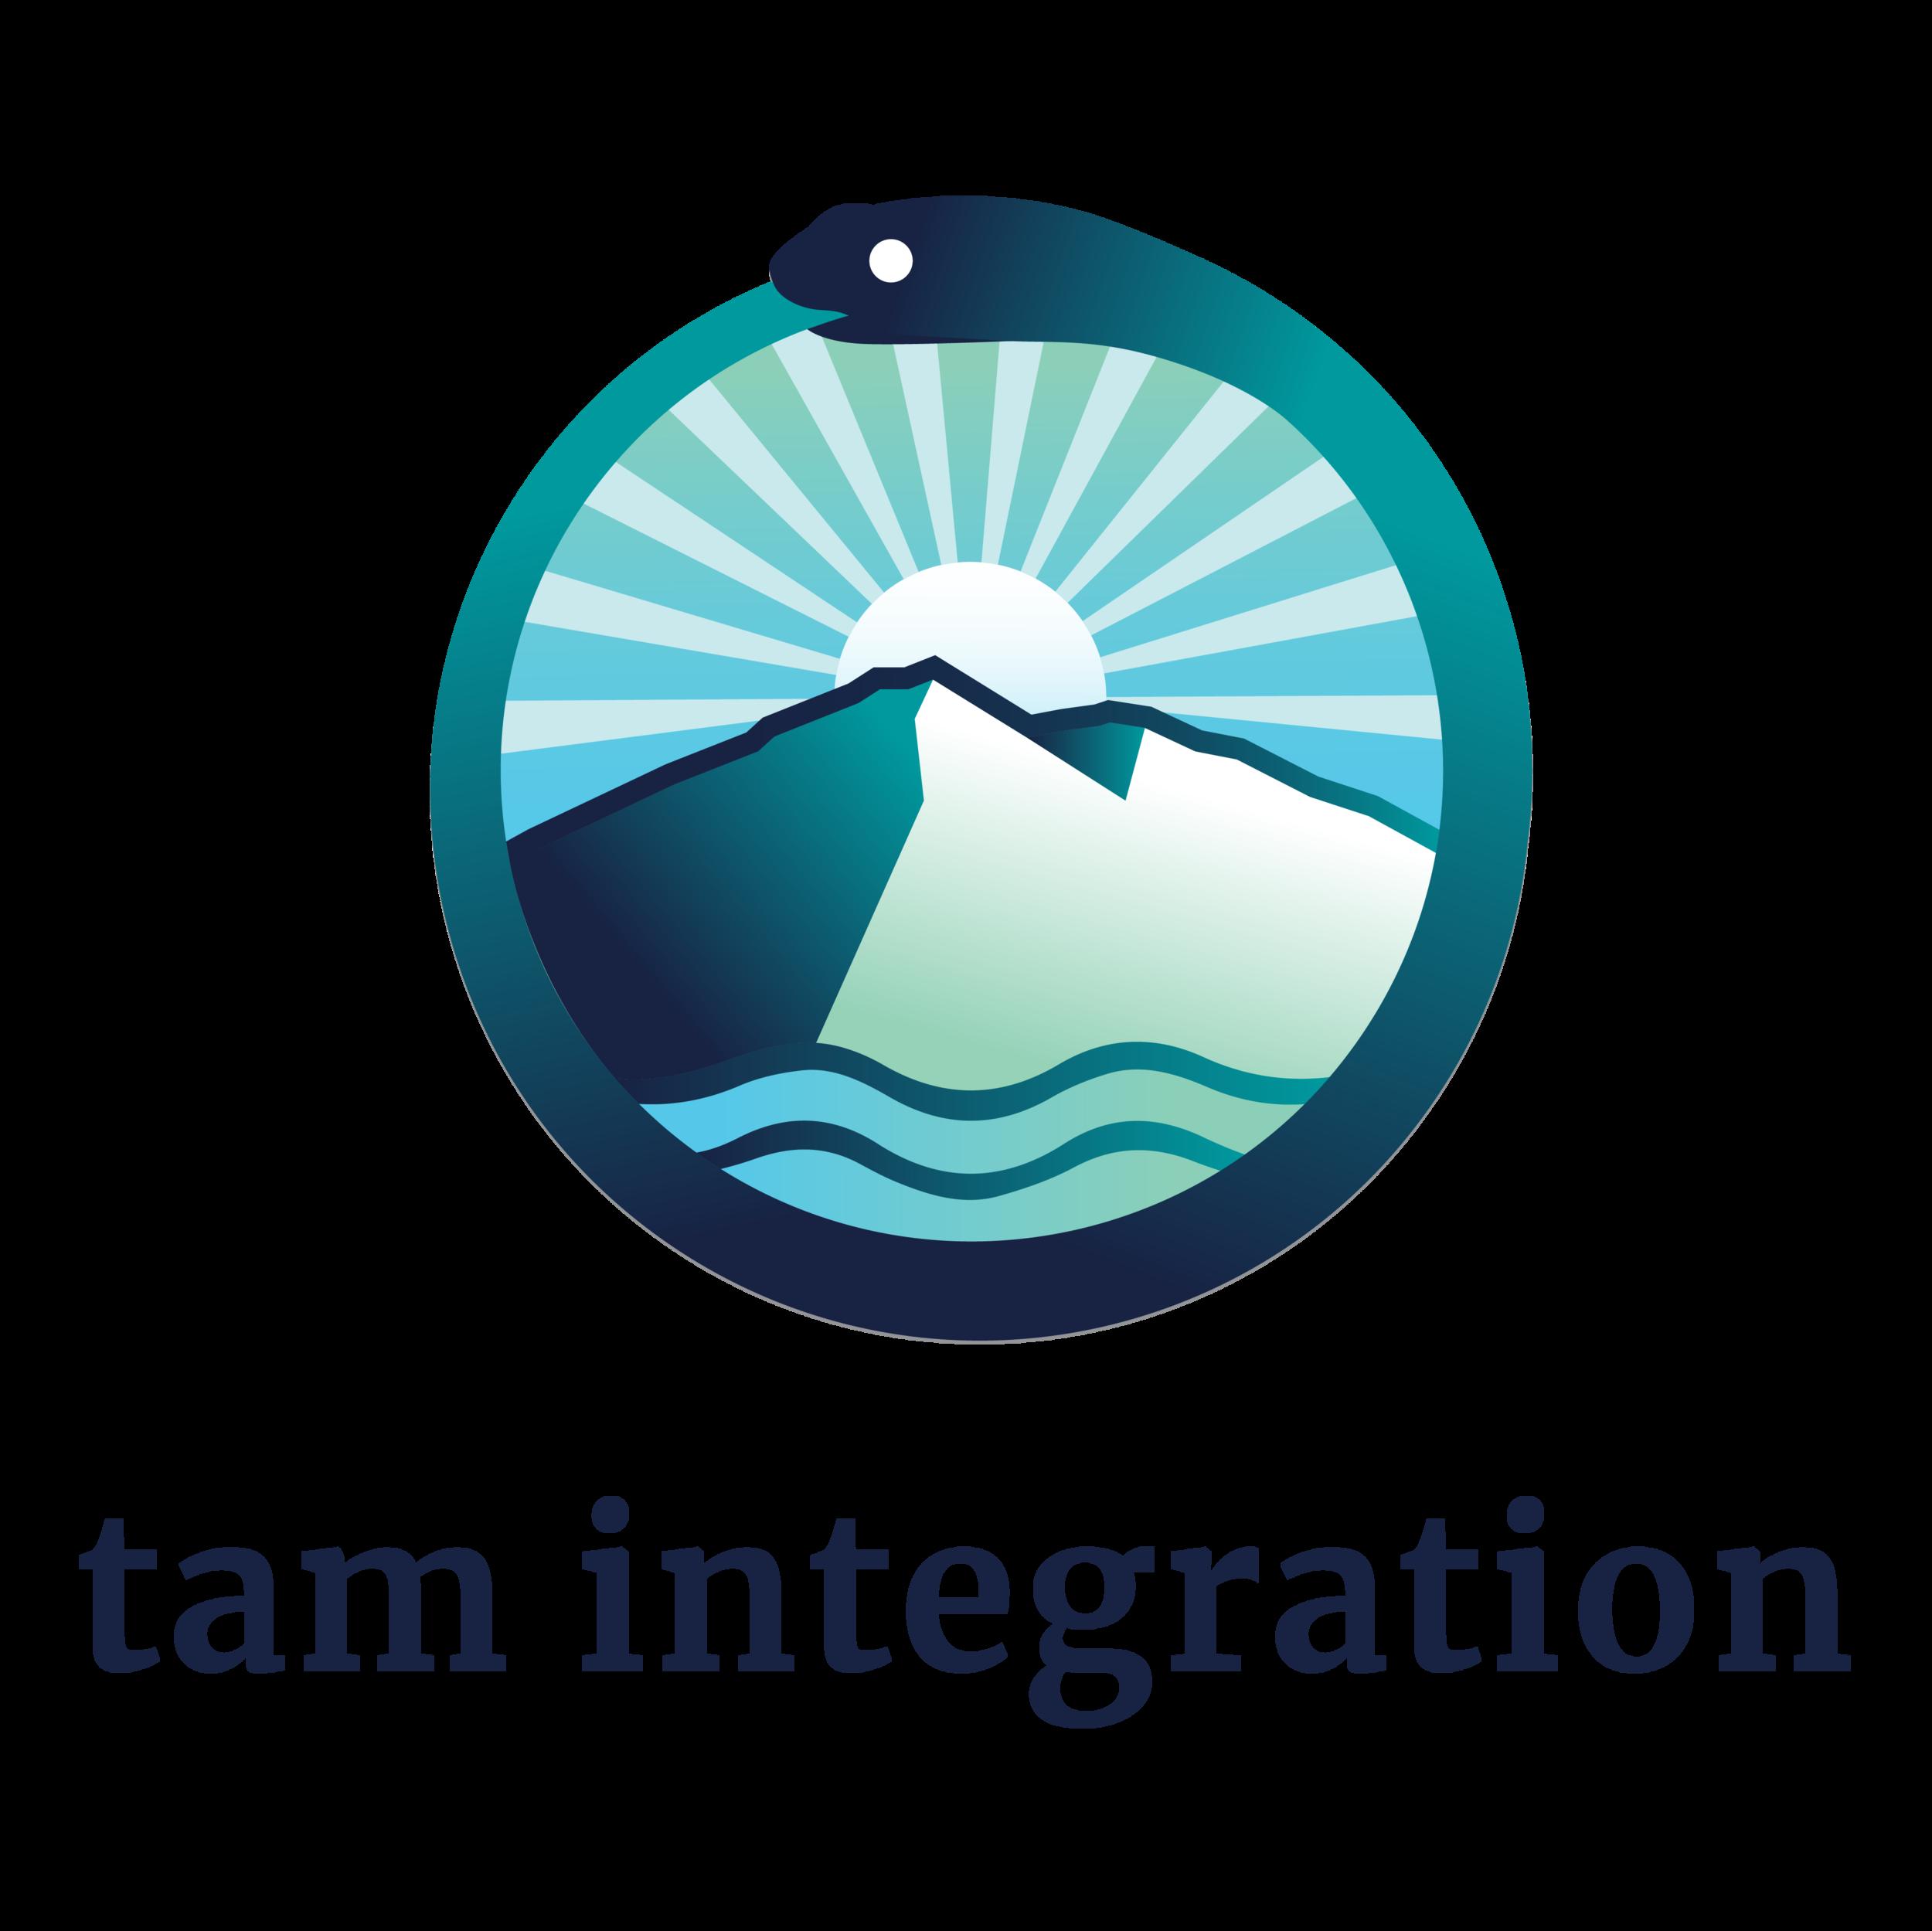 tam-logo-central-3.png